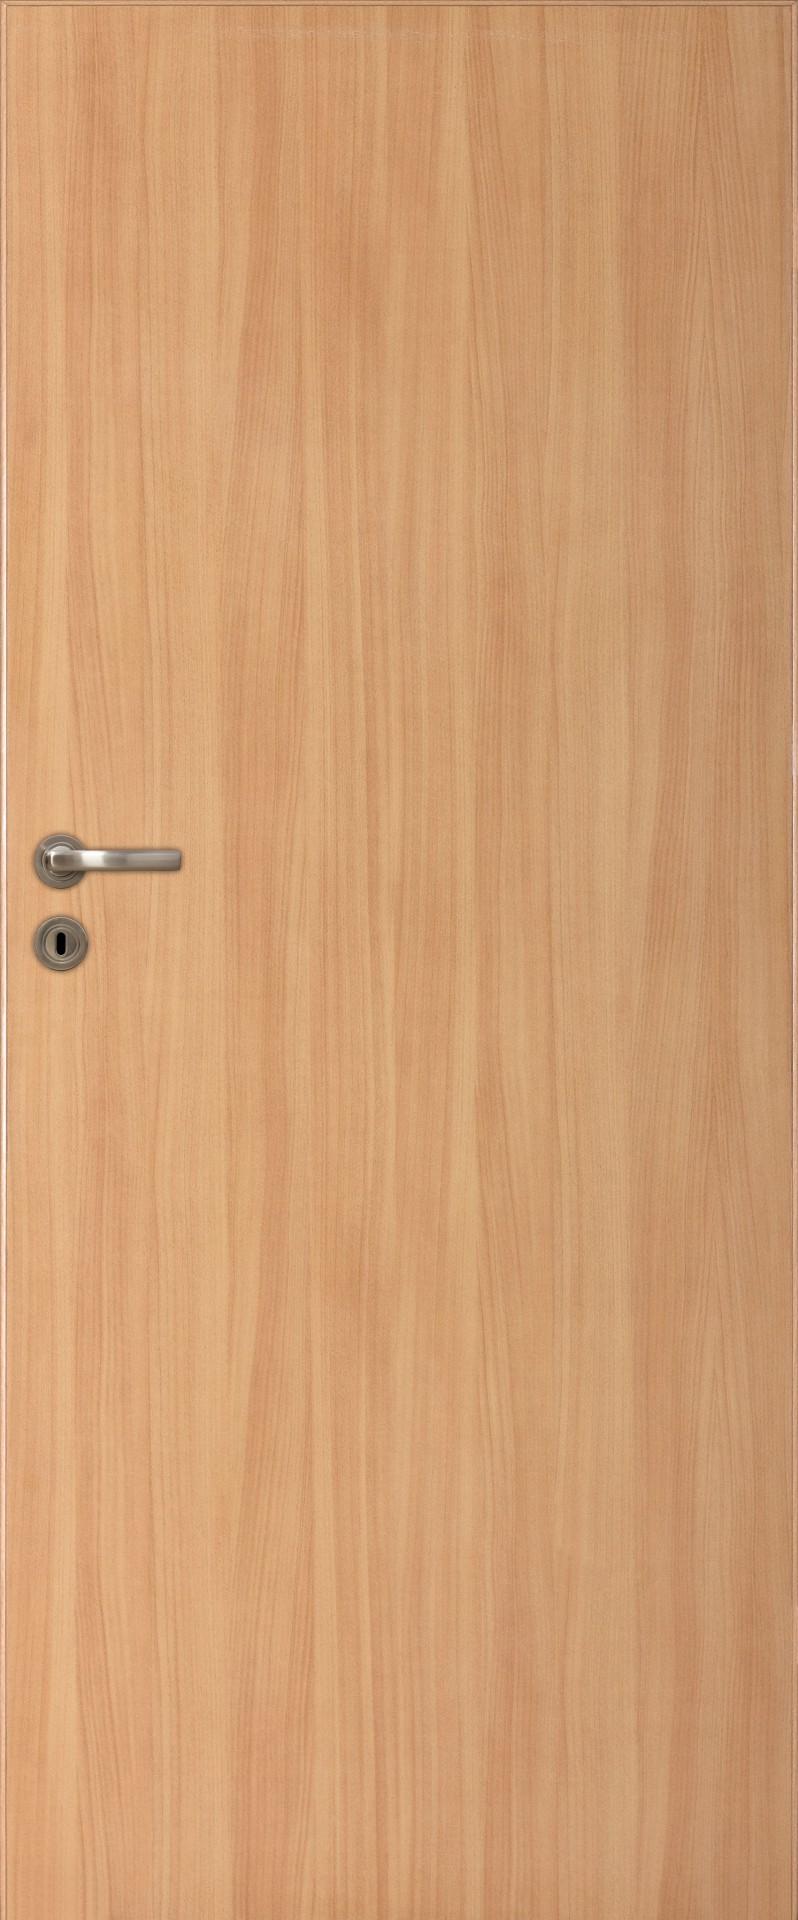 Dre dveře Lack 10, Šíře v cm 90